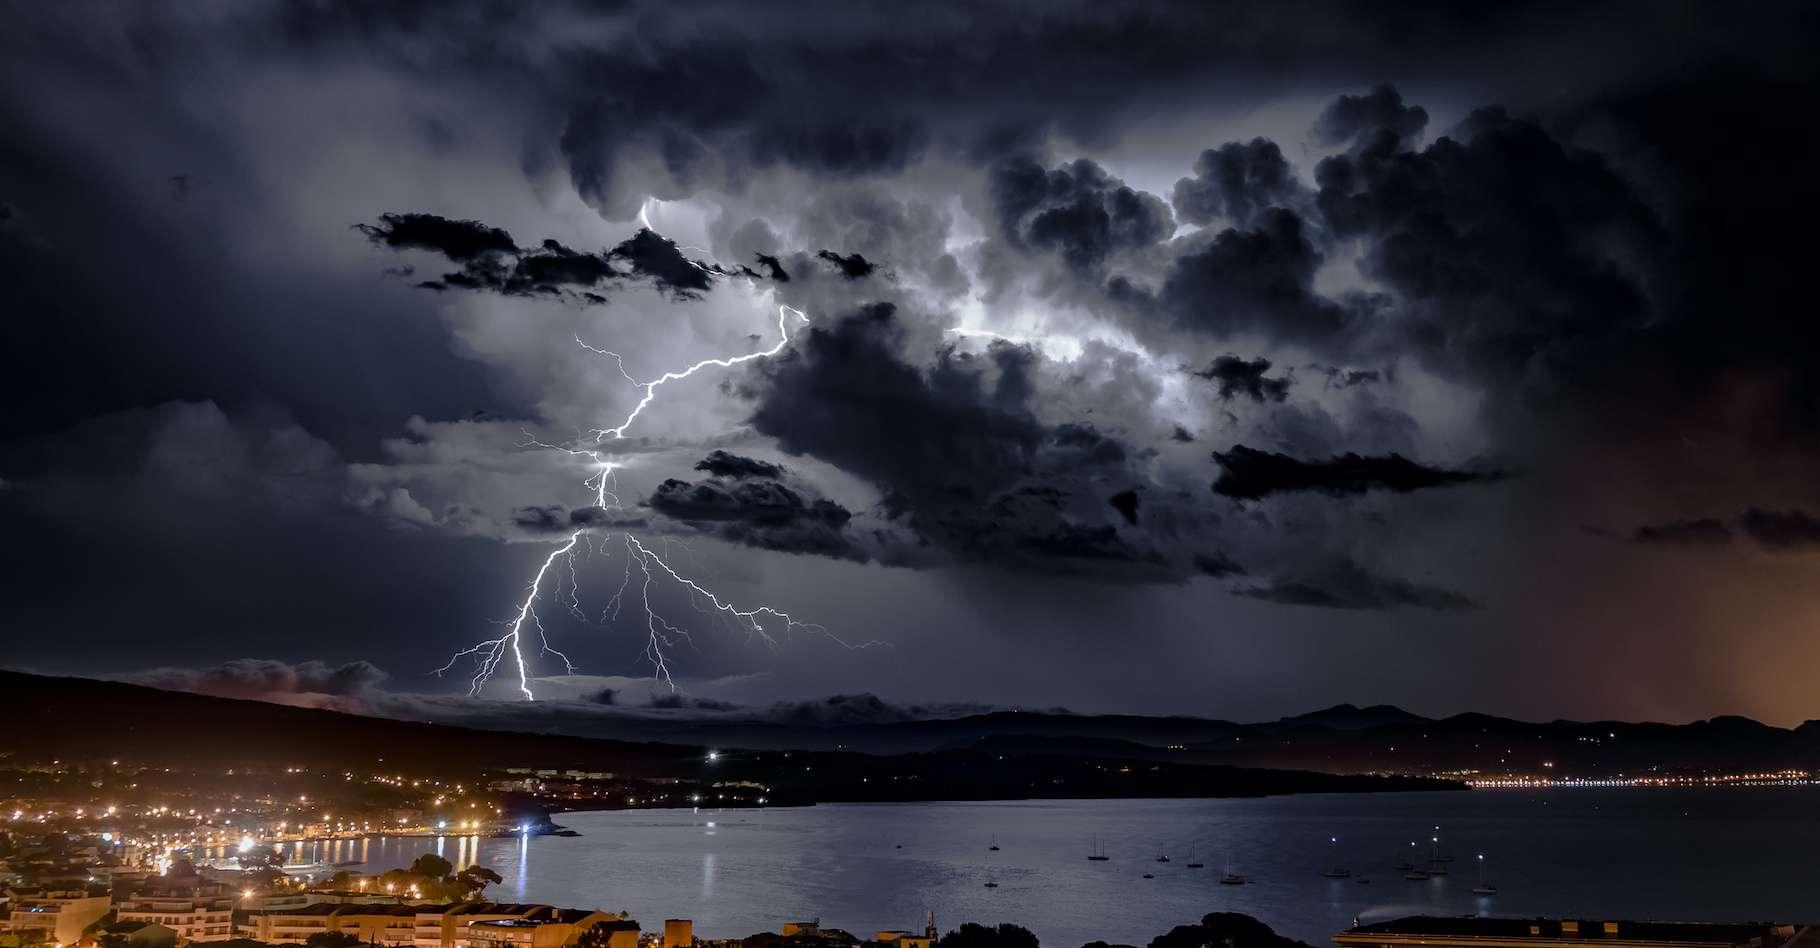 De violents orages se sont acharnés sur le Gard en ce 14 septembre 2021 au matin. © Charles de Lisle, Adobe Stock